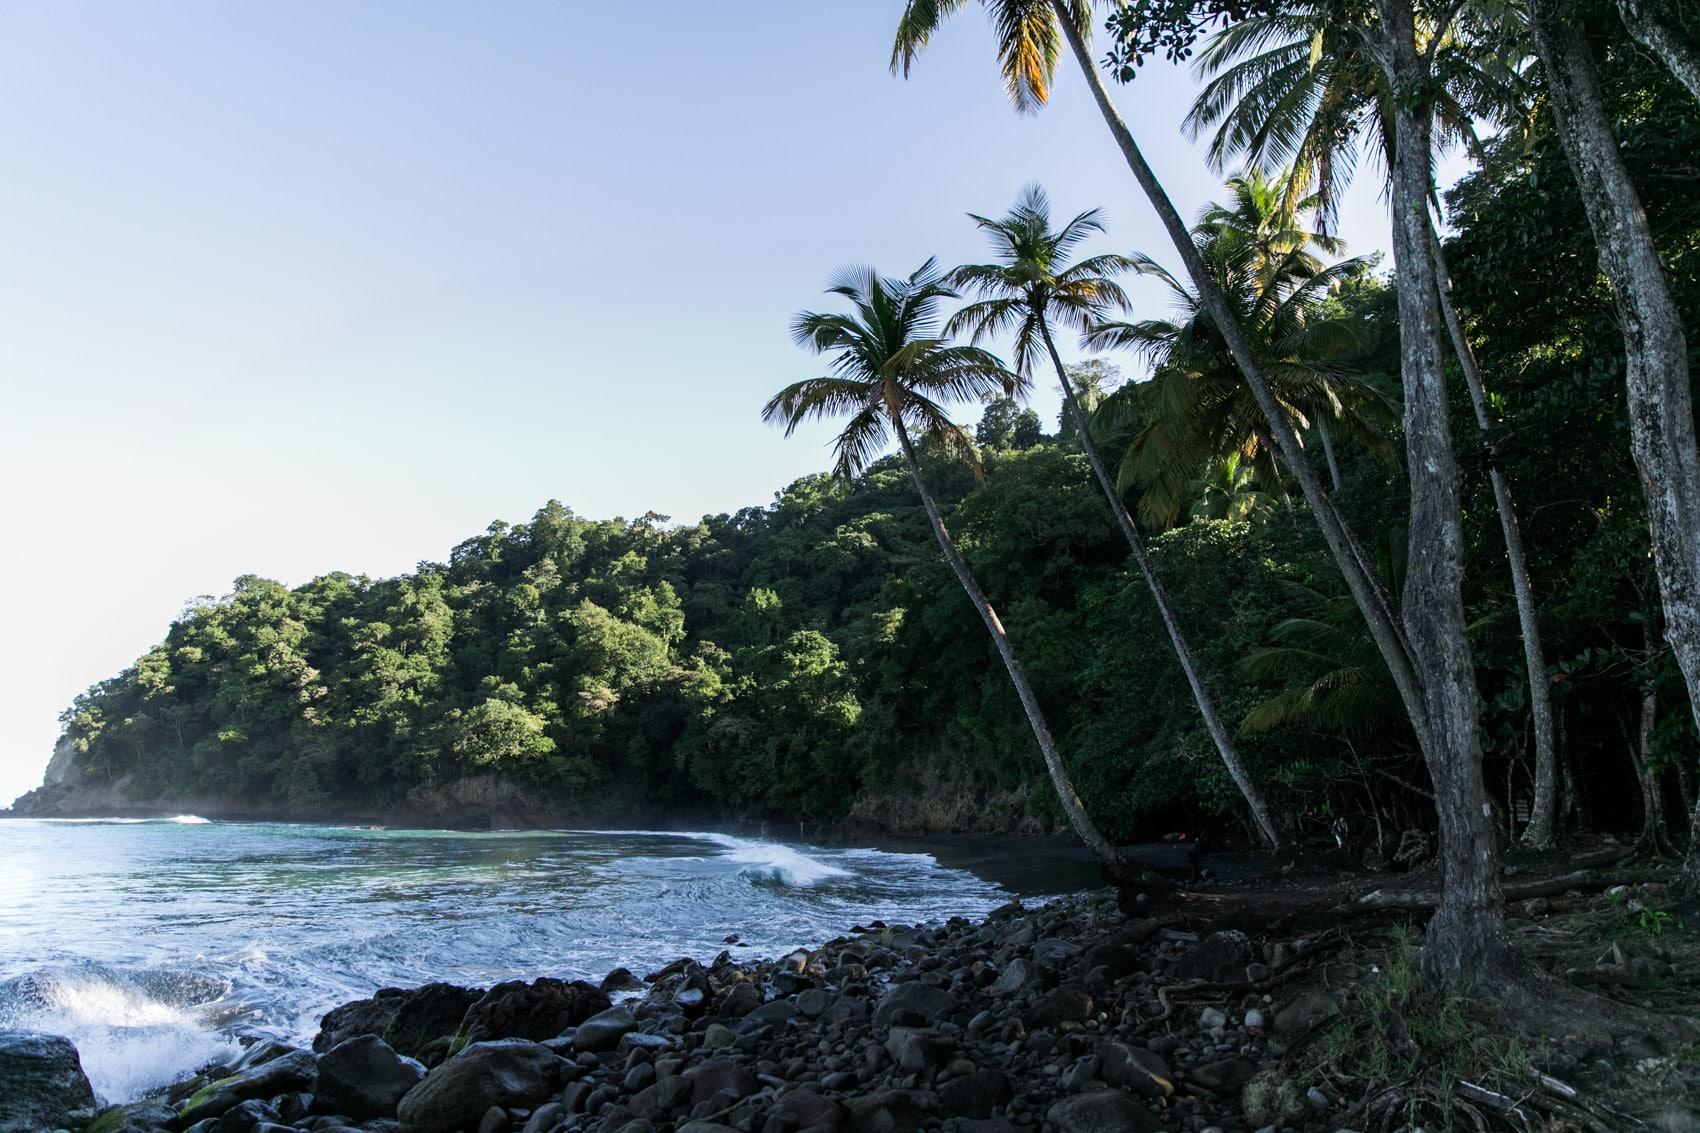 ID5A1844 2 - Voyage en Martinique : Itinéraire et conseils